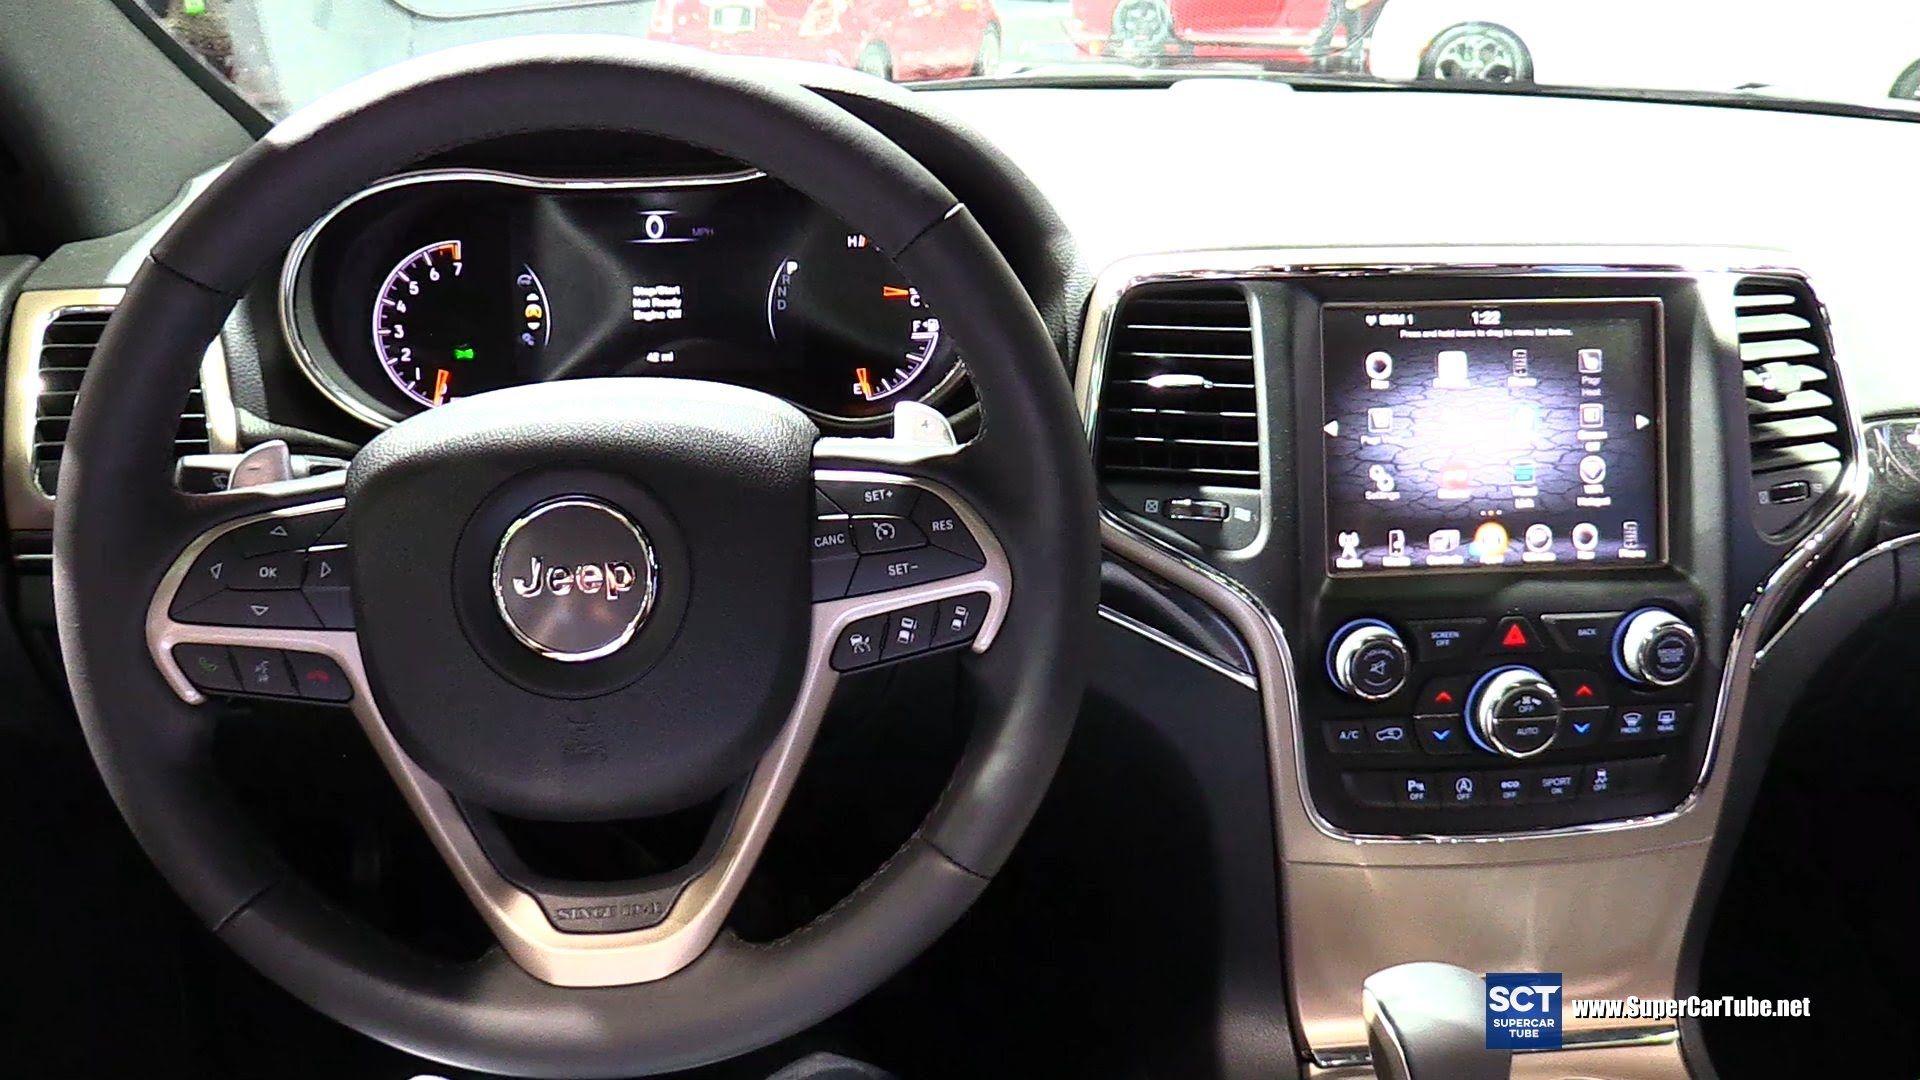 2016 Jeep Grand Cherokee 75th Anniversary Interior Walkaround